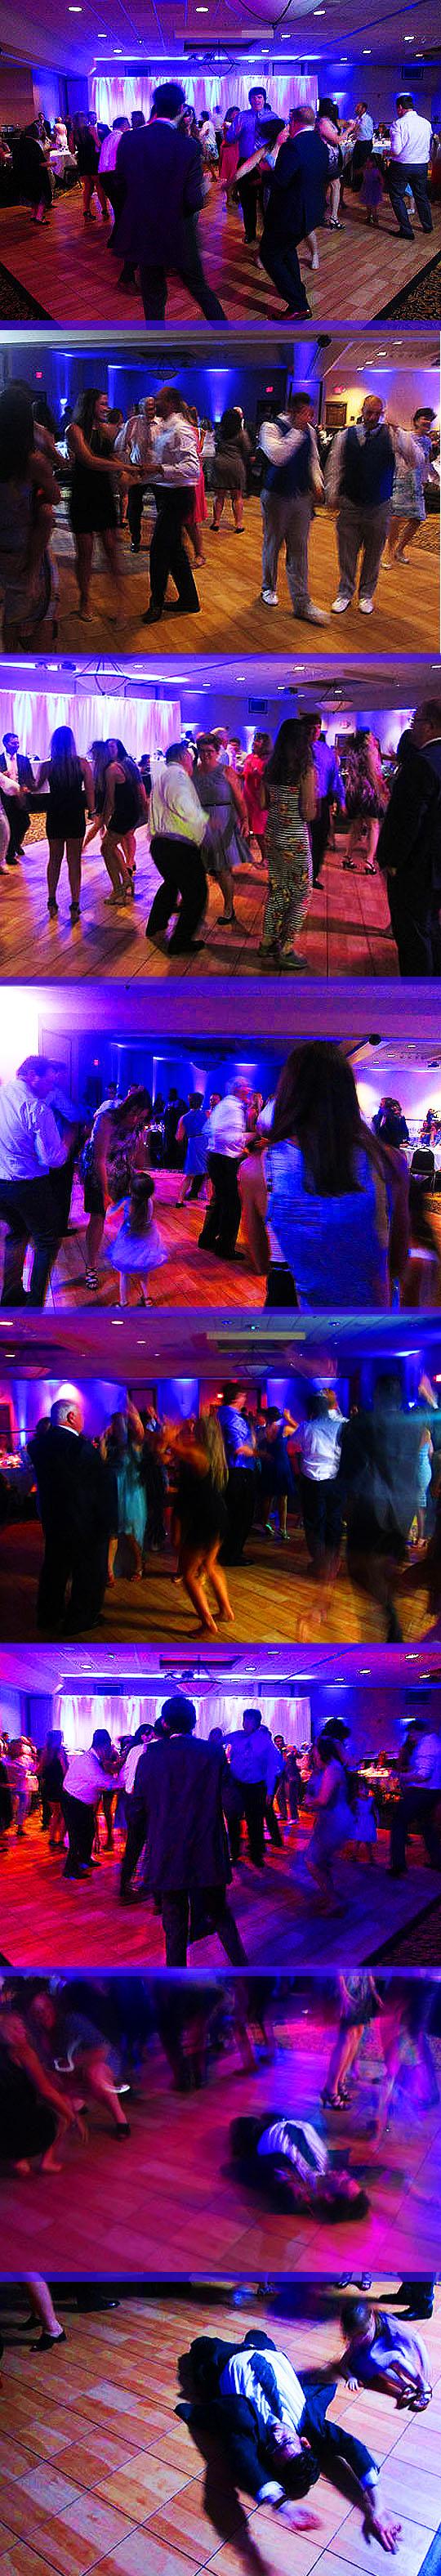 20. dancing_july30-18.jpg